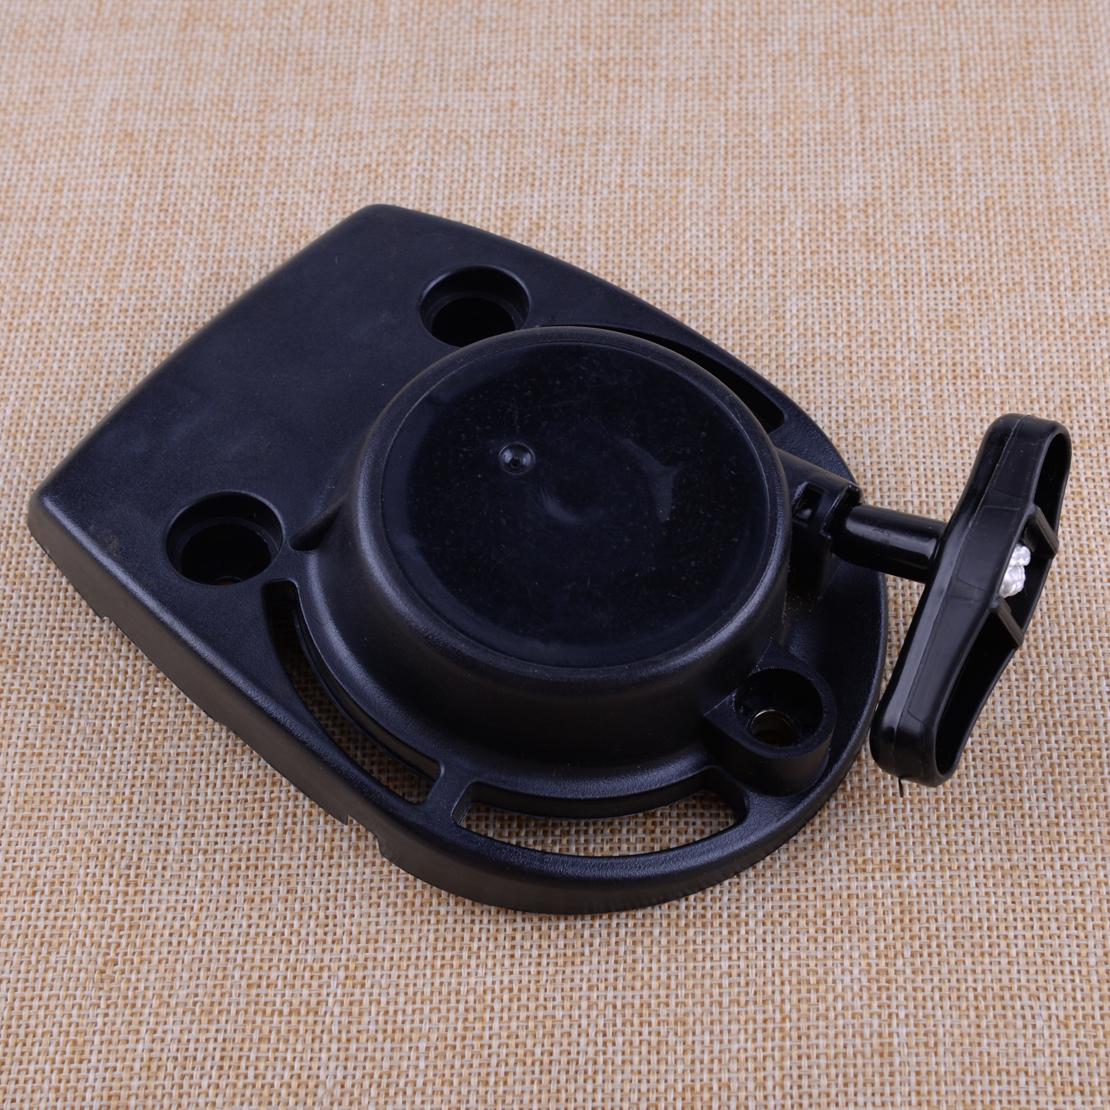 Starter for Brush Cutter Honda Engine GX35 UMK435 Pull Start Recoil Replacement | eBay